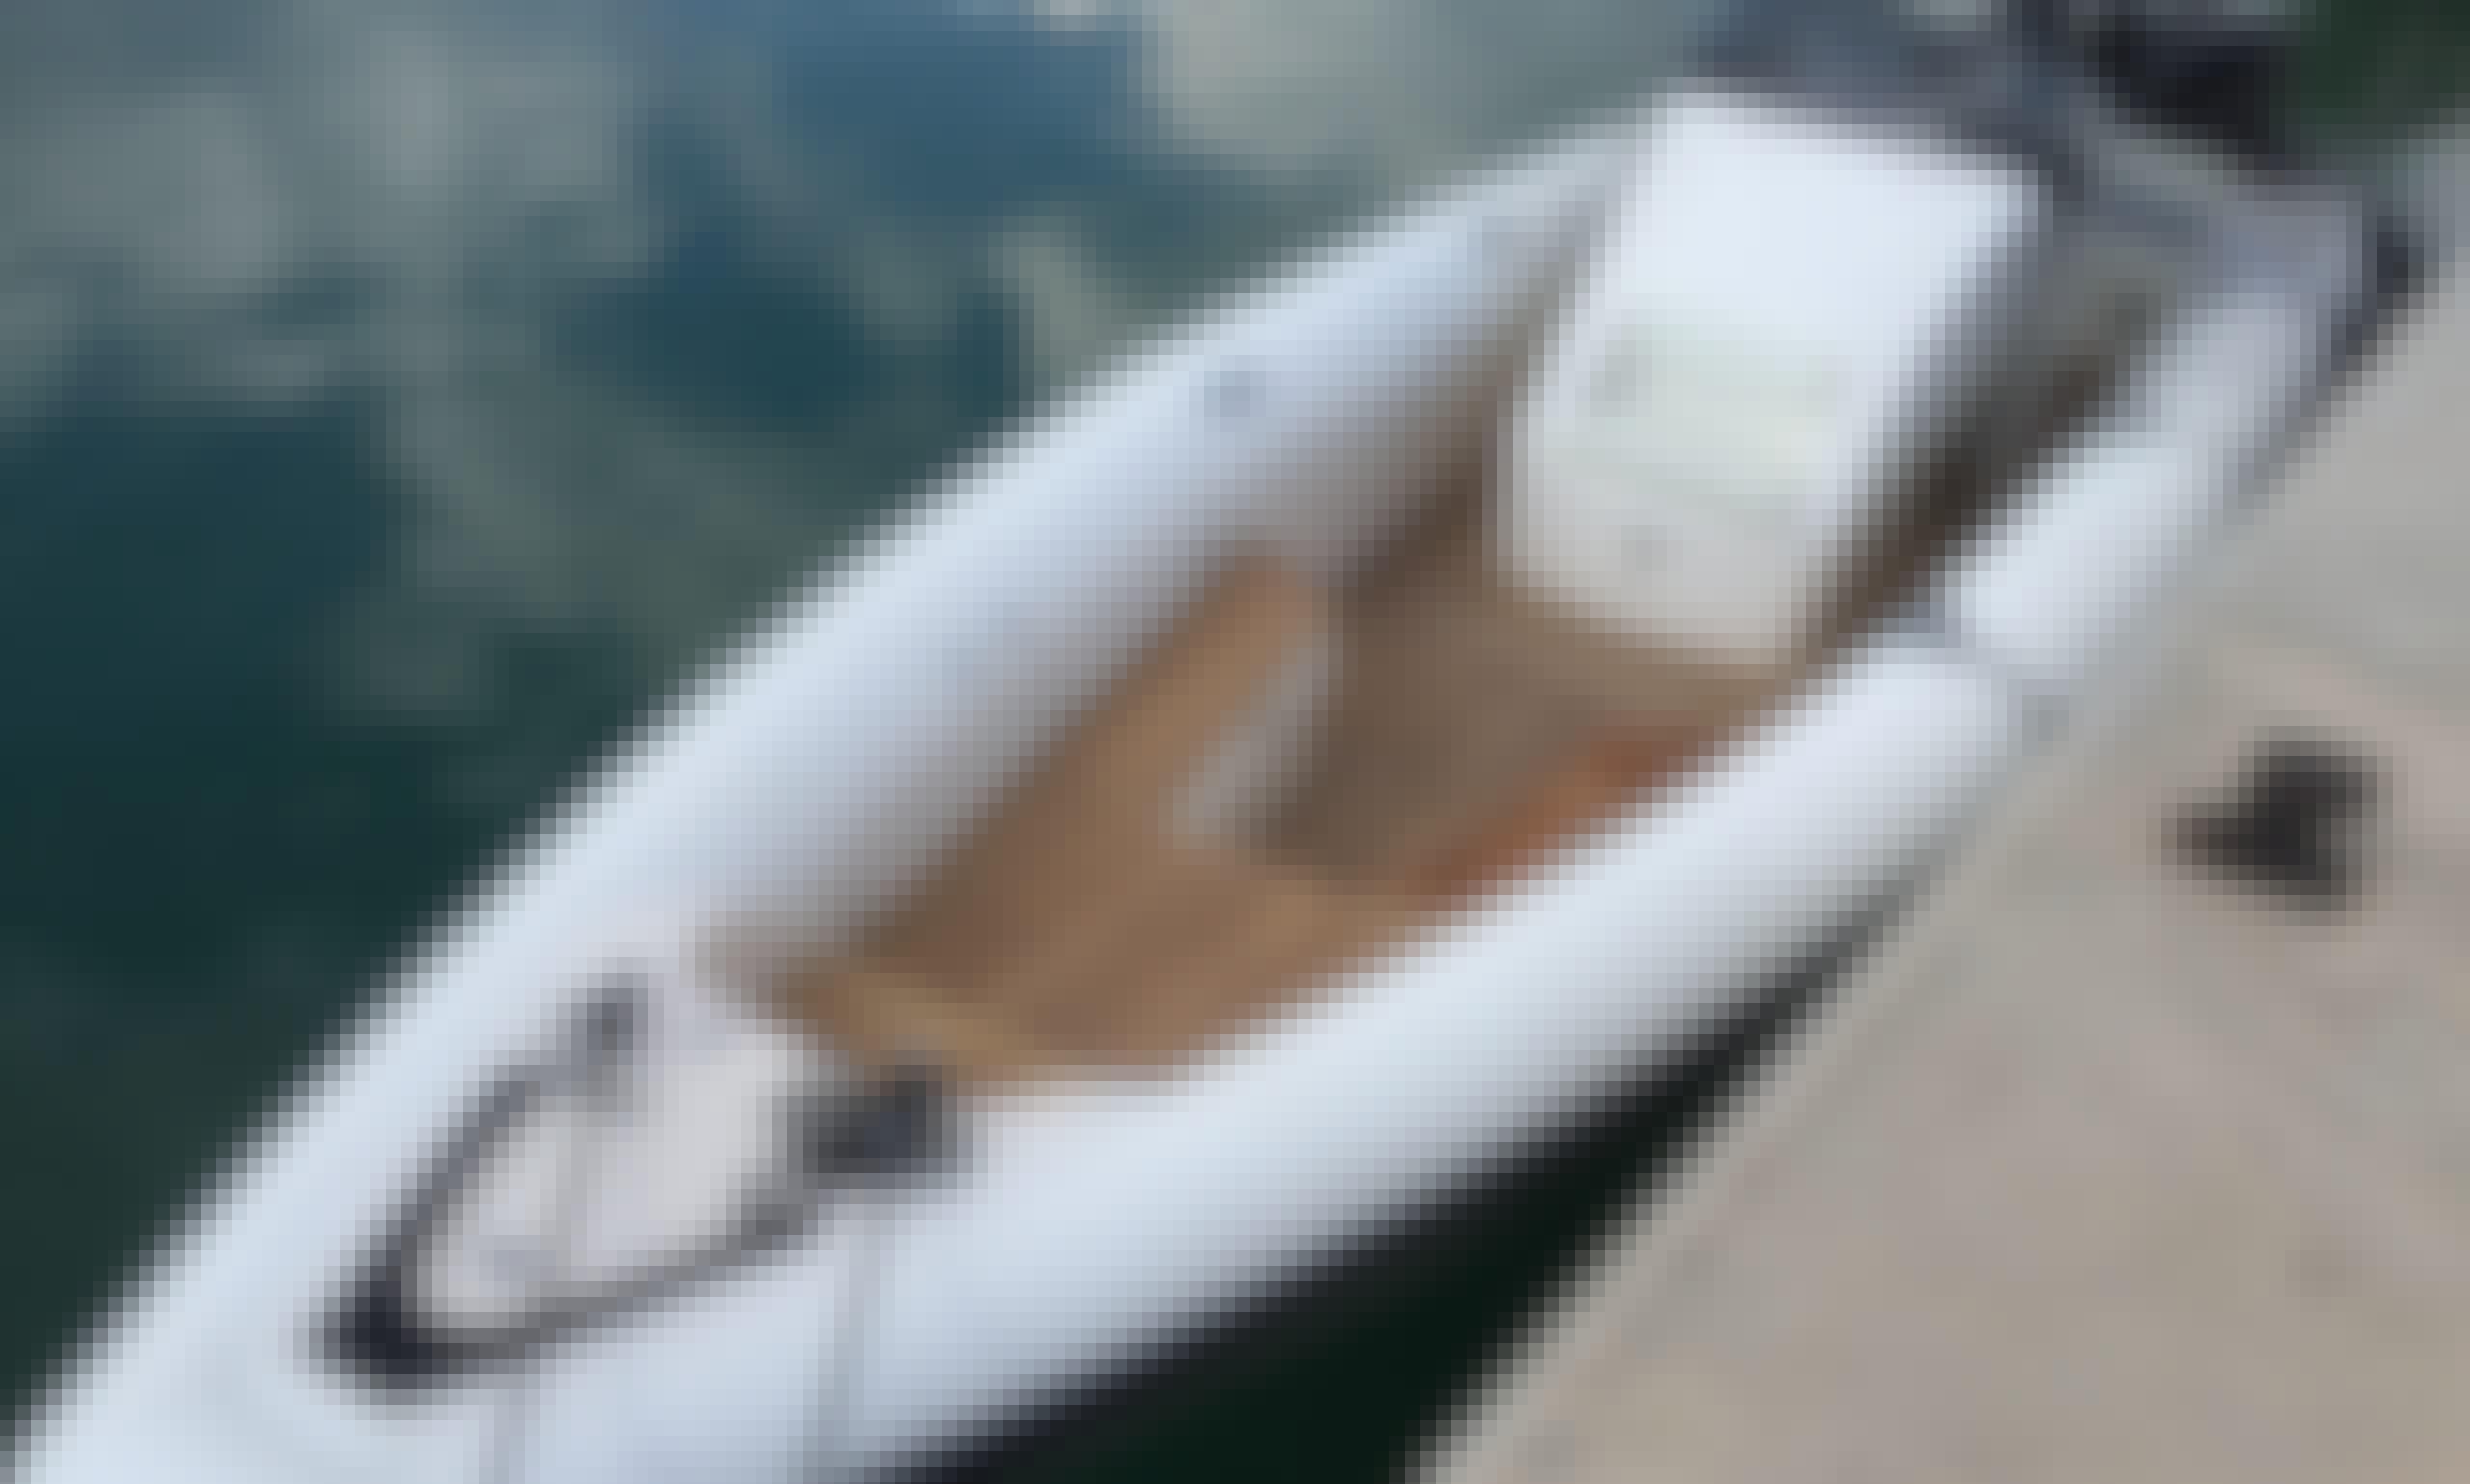 Inquire on this Technohull Sea DNA 999 G5 - 2x300 Hp Verado Outboard in Elliniko, Greece